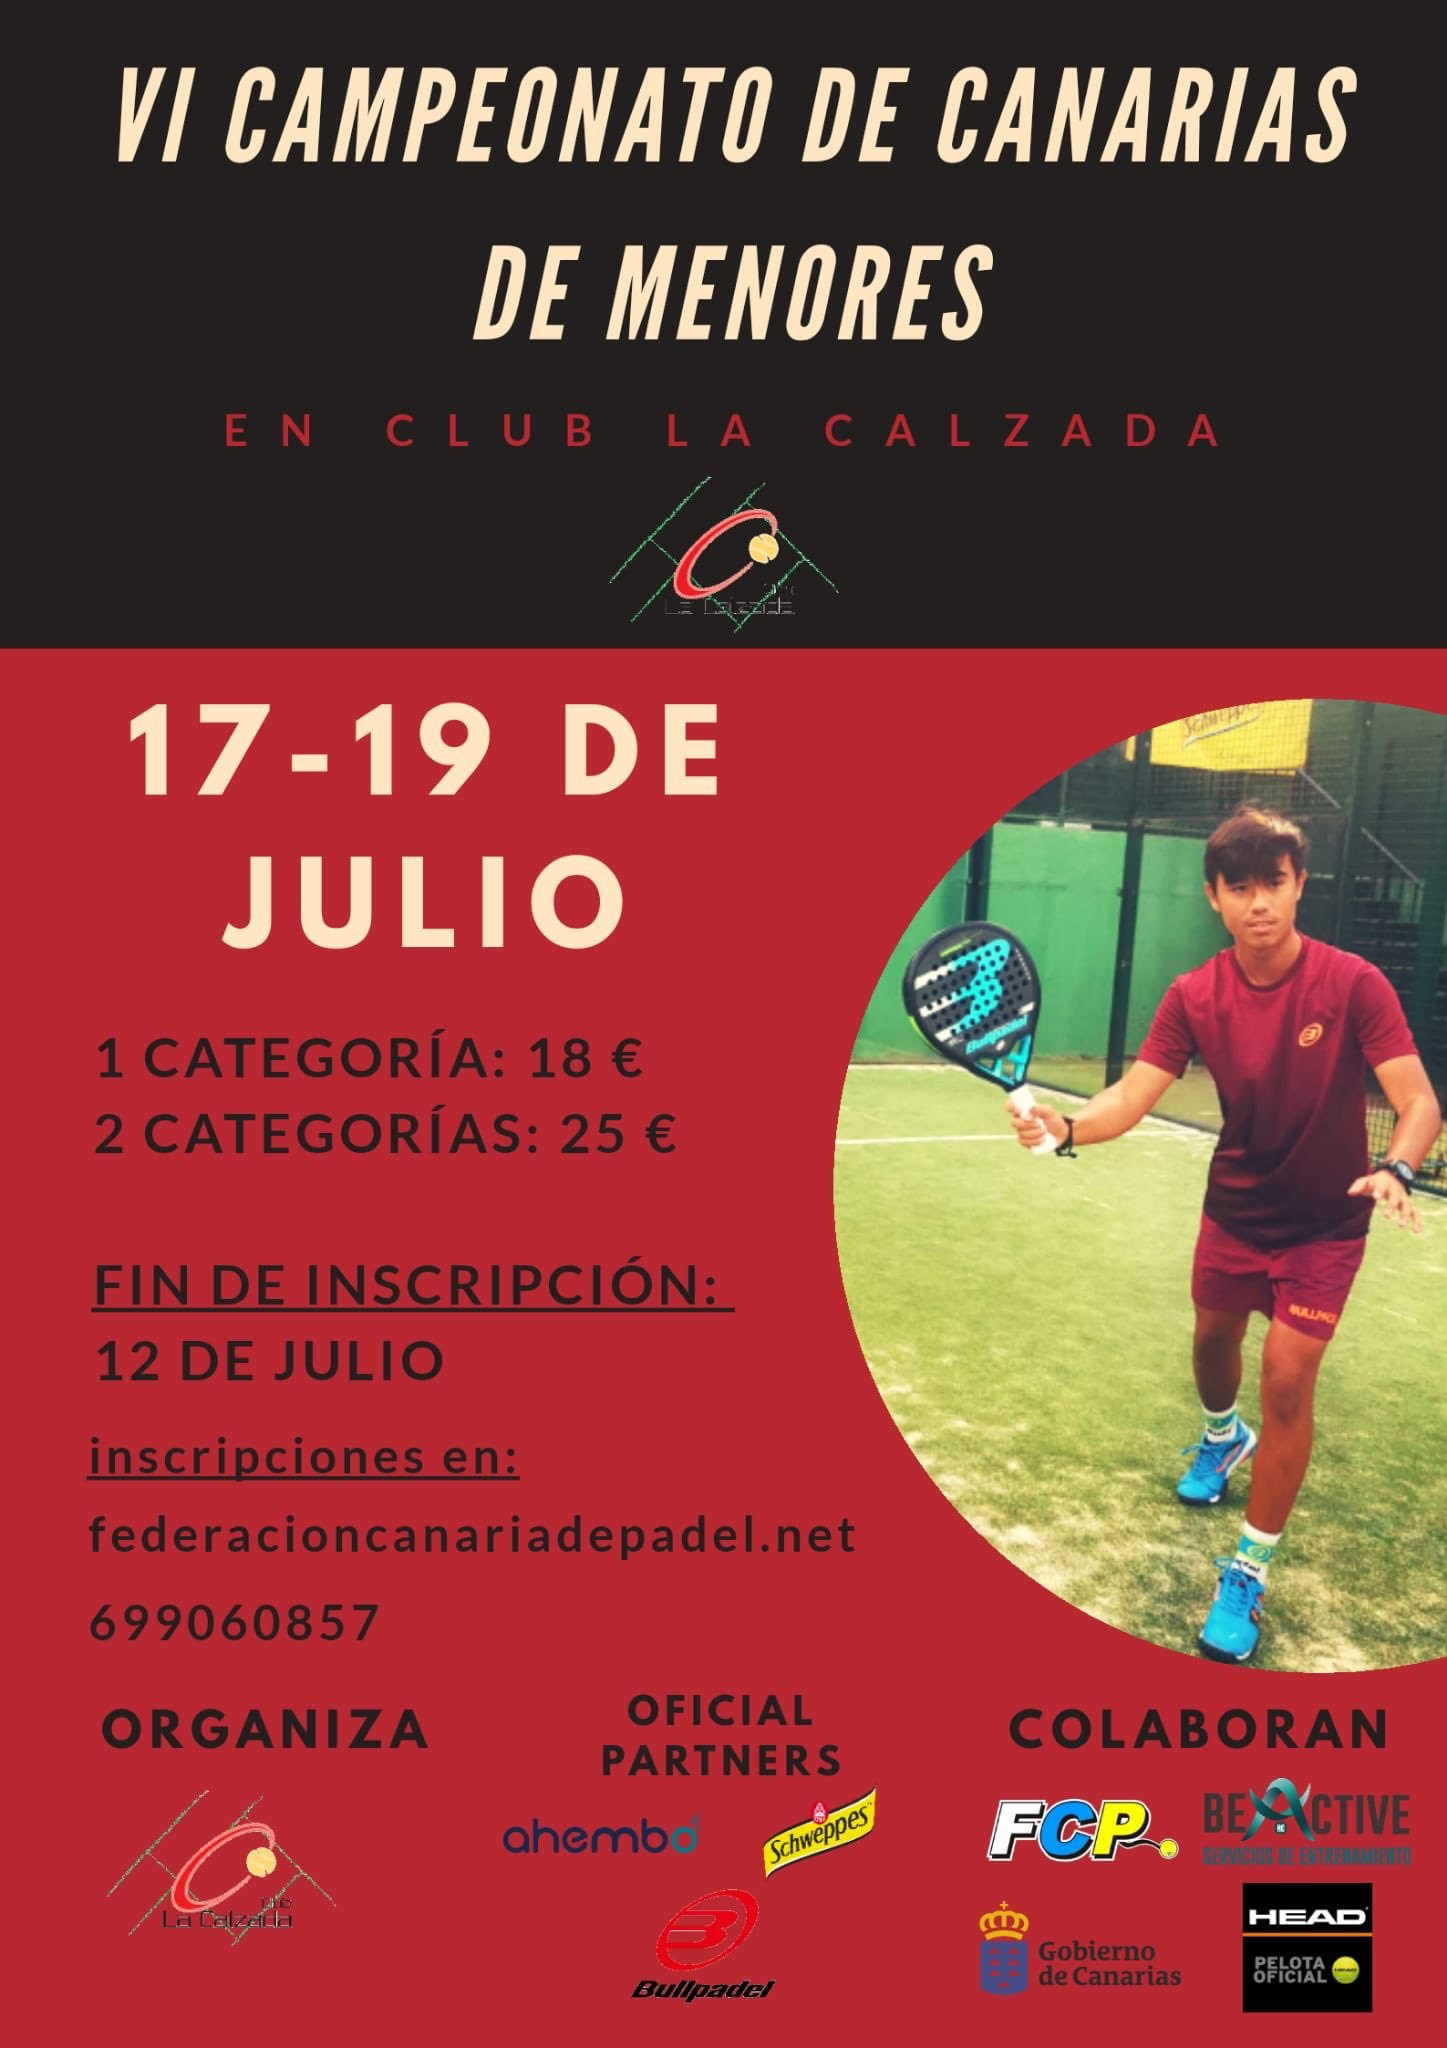 VI Campeonato de Canarias de Menores